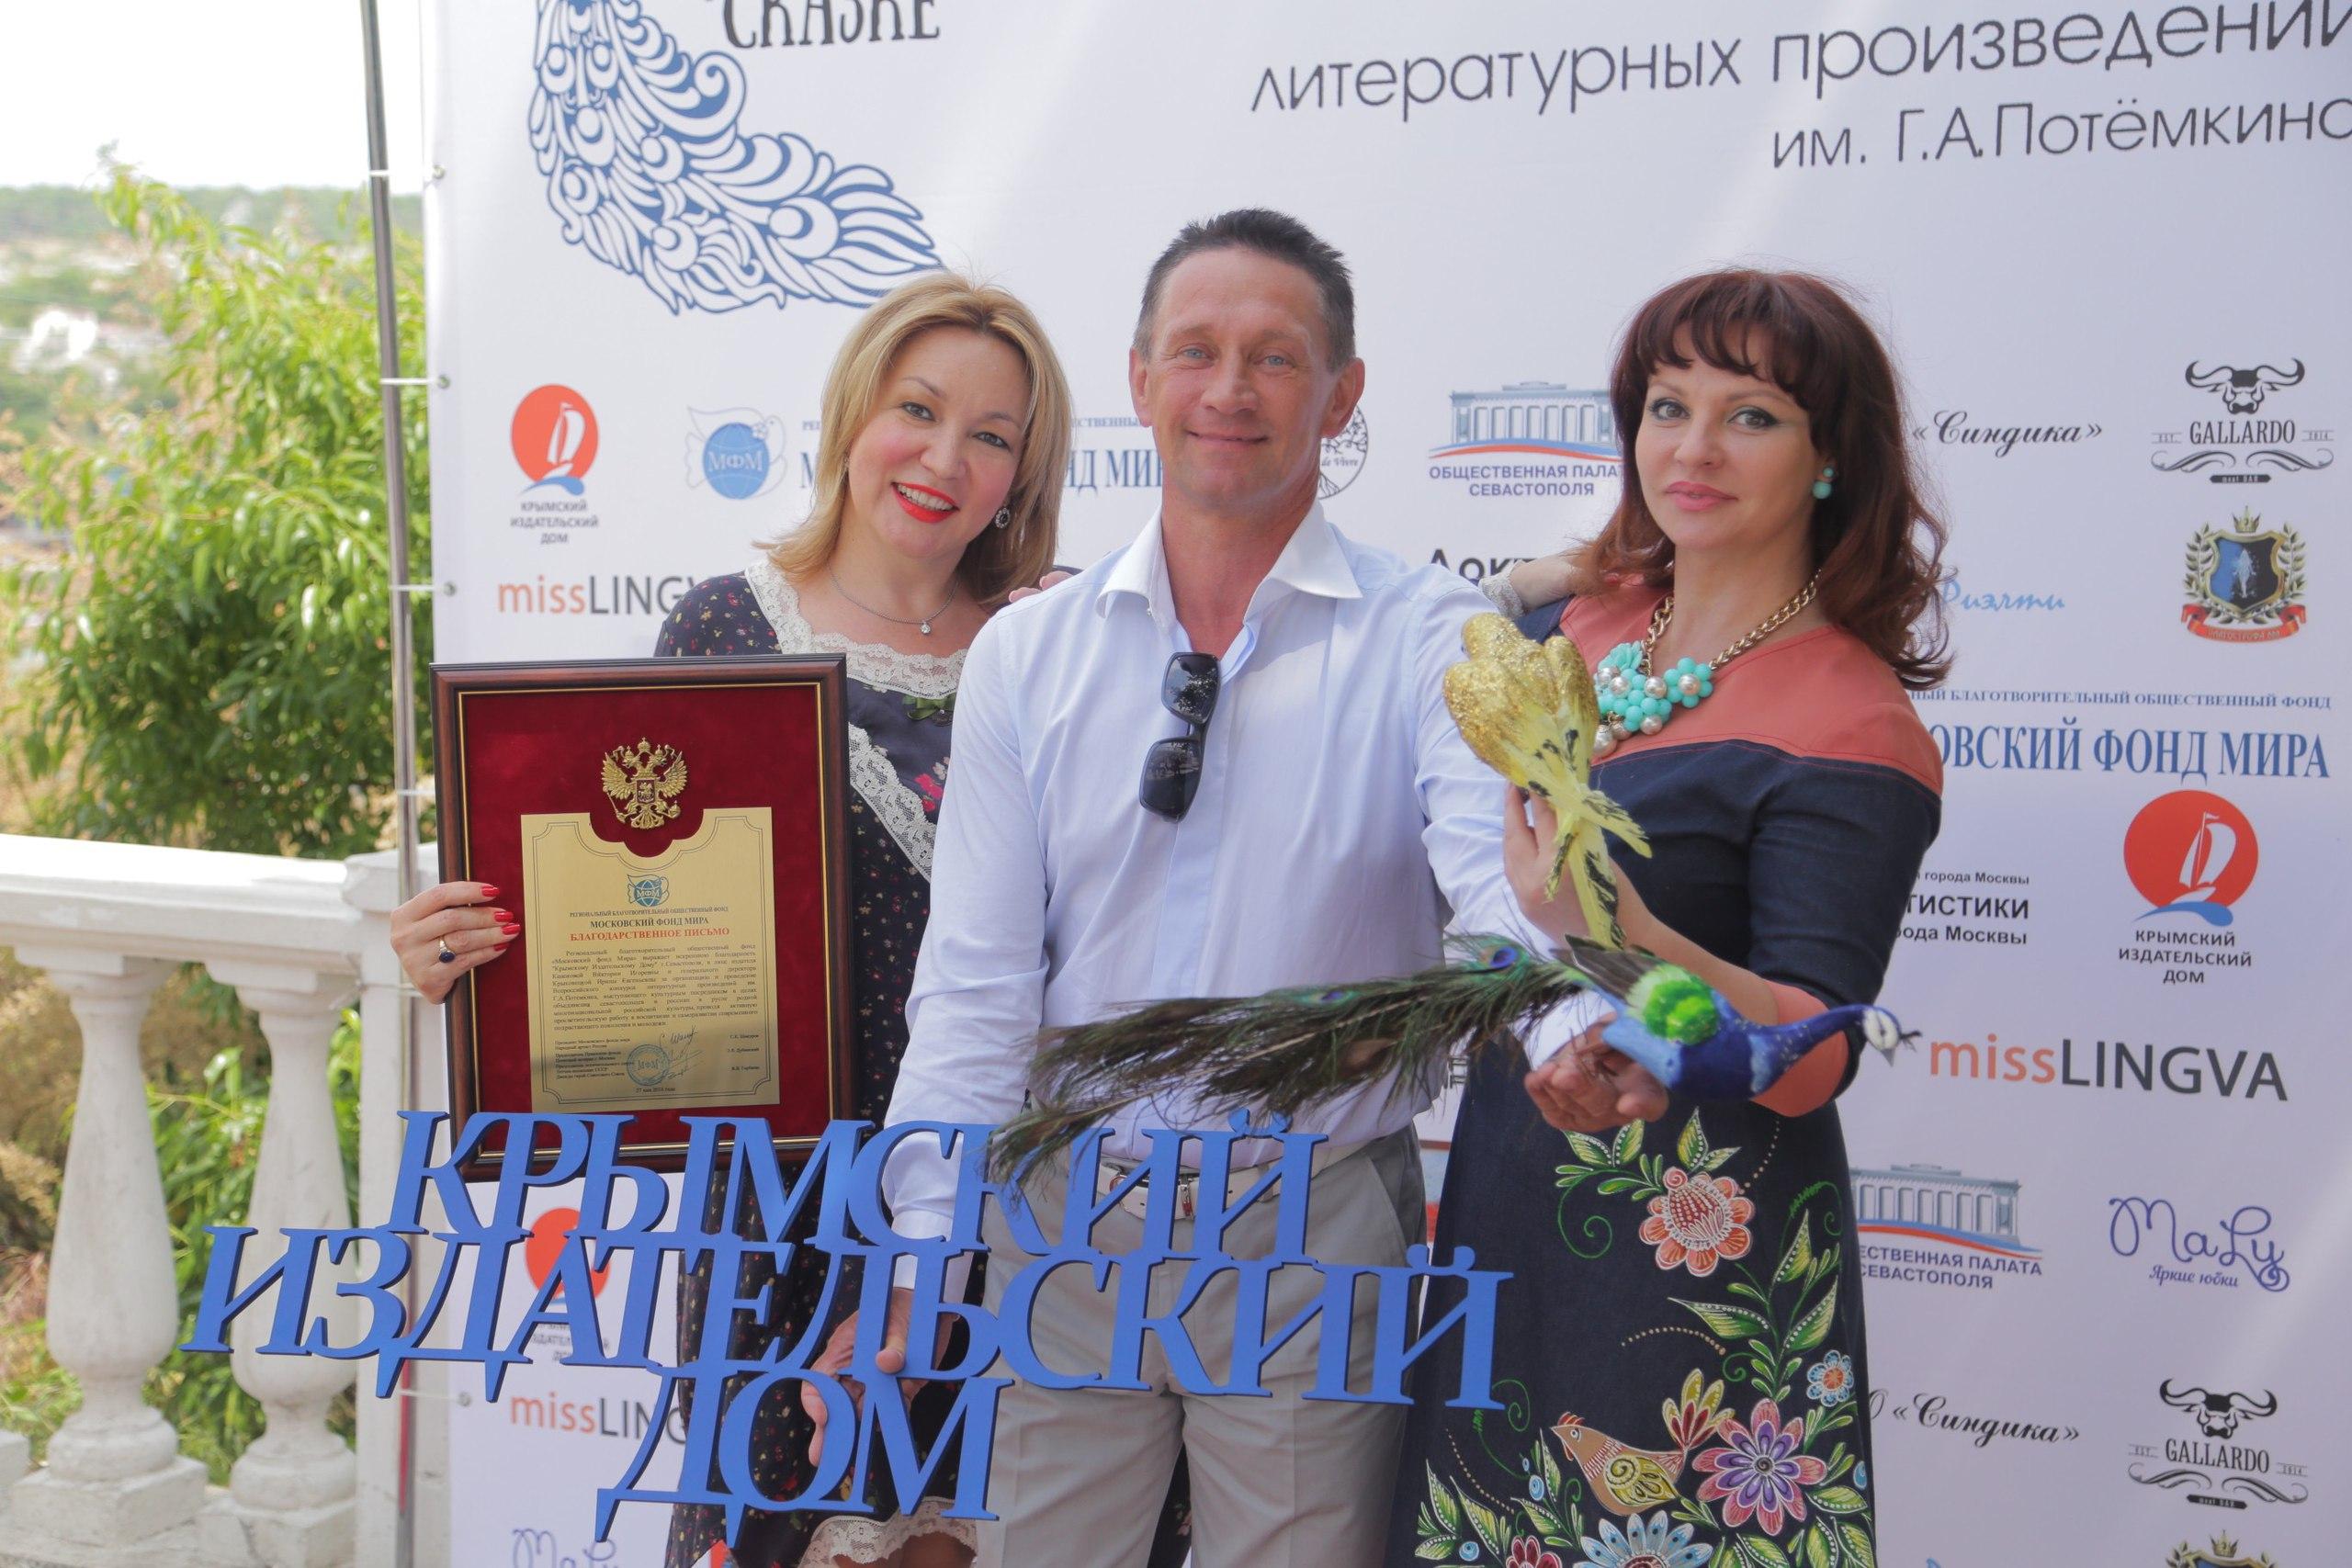 Конкурс потемкину севастополь